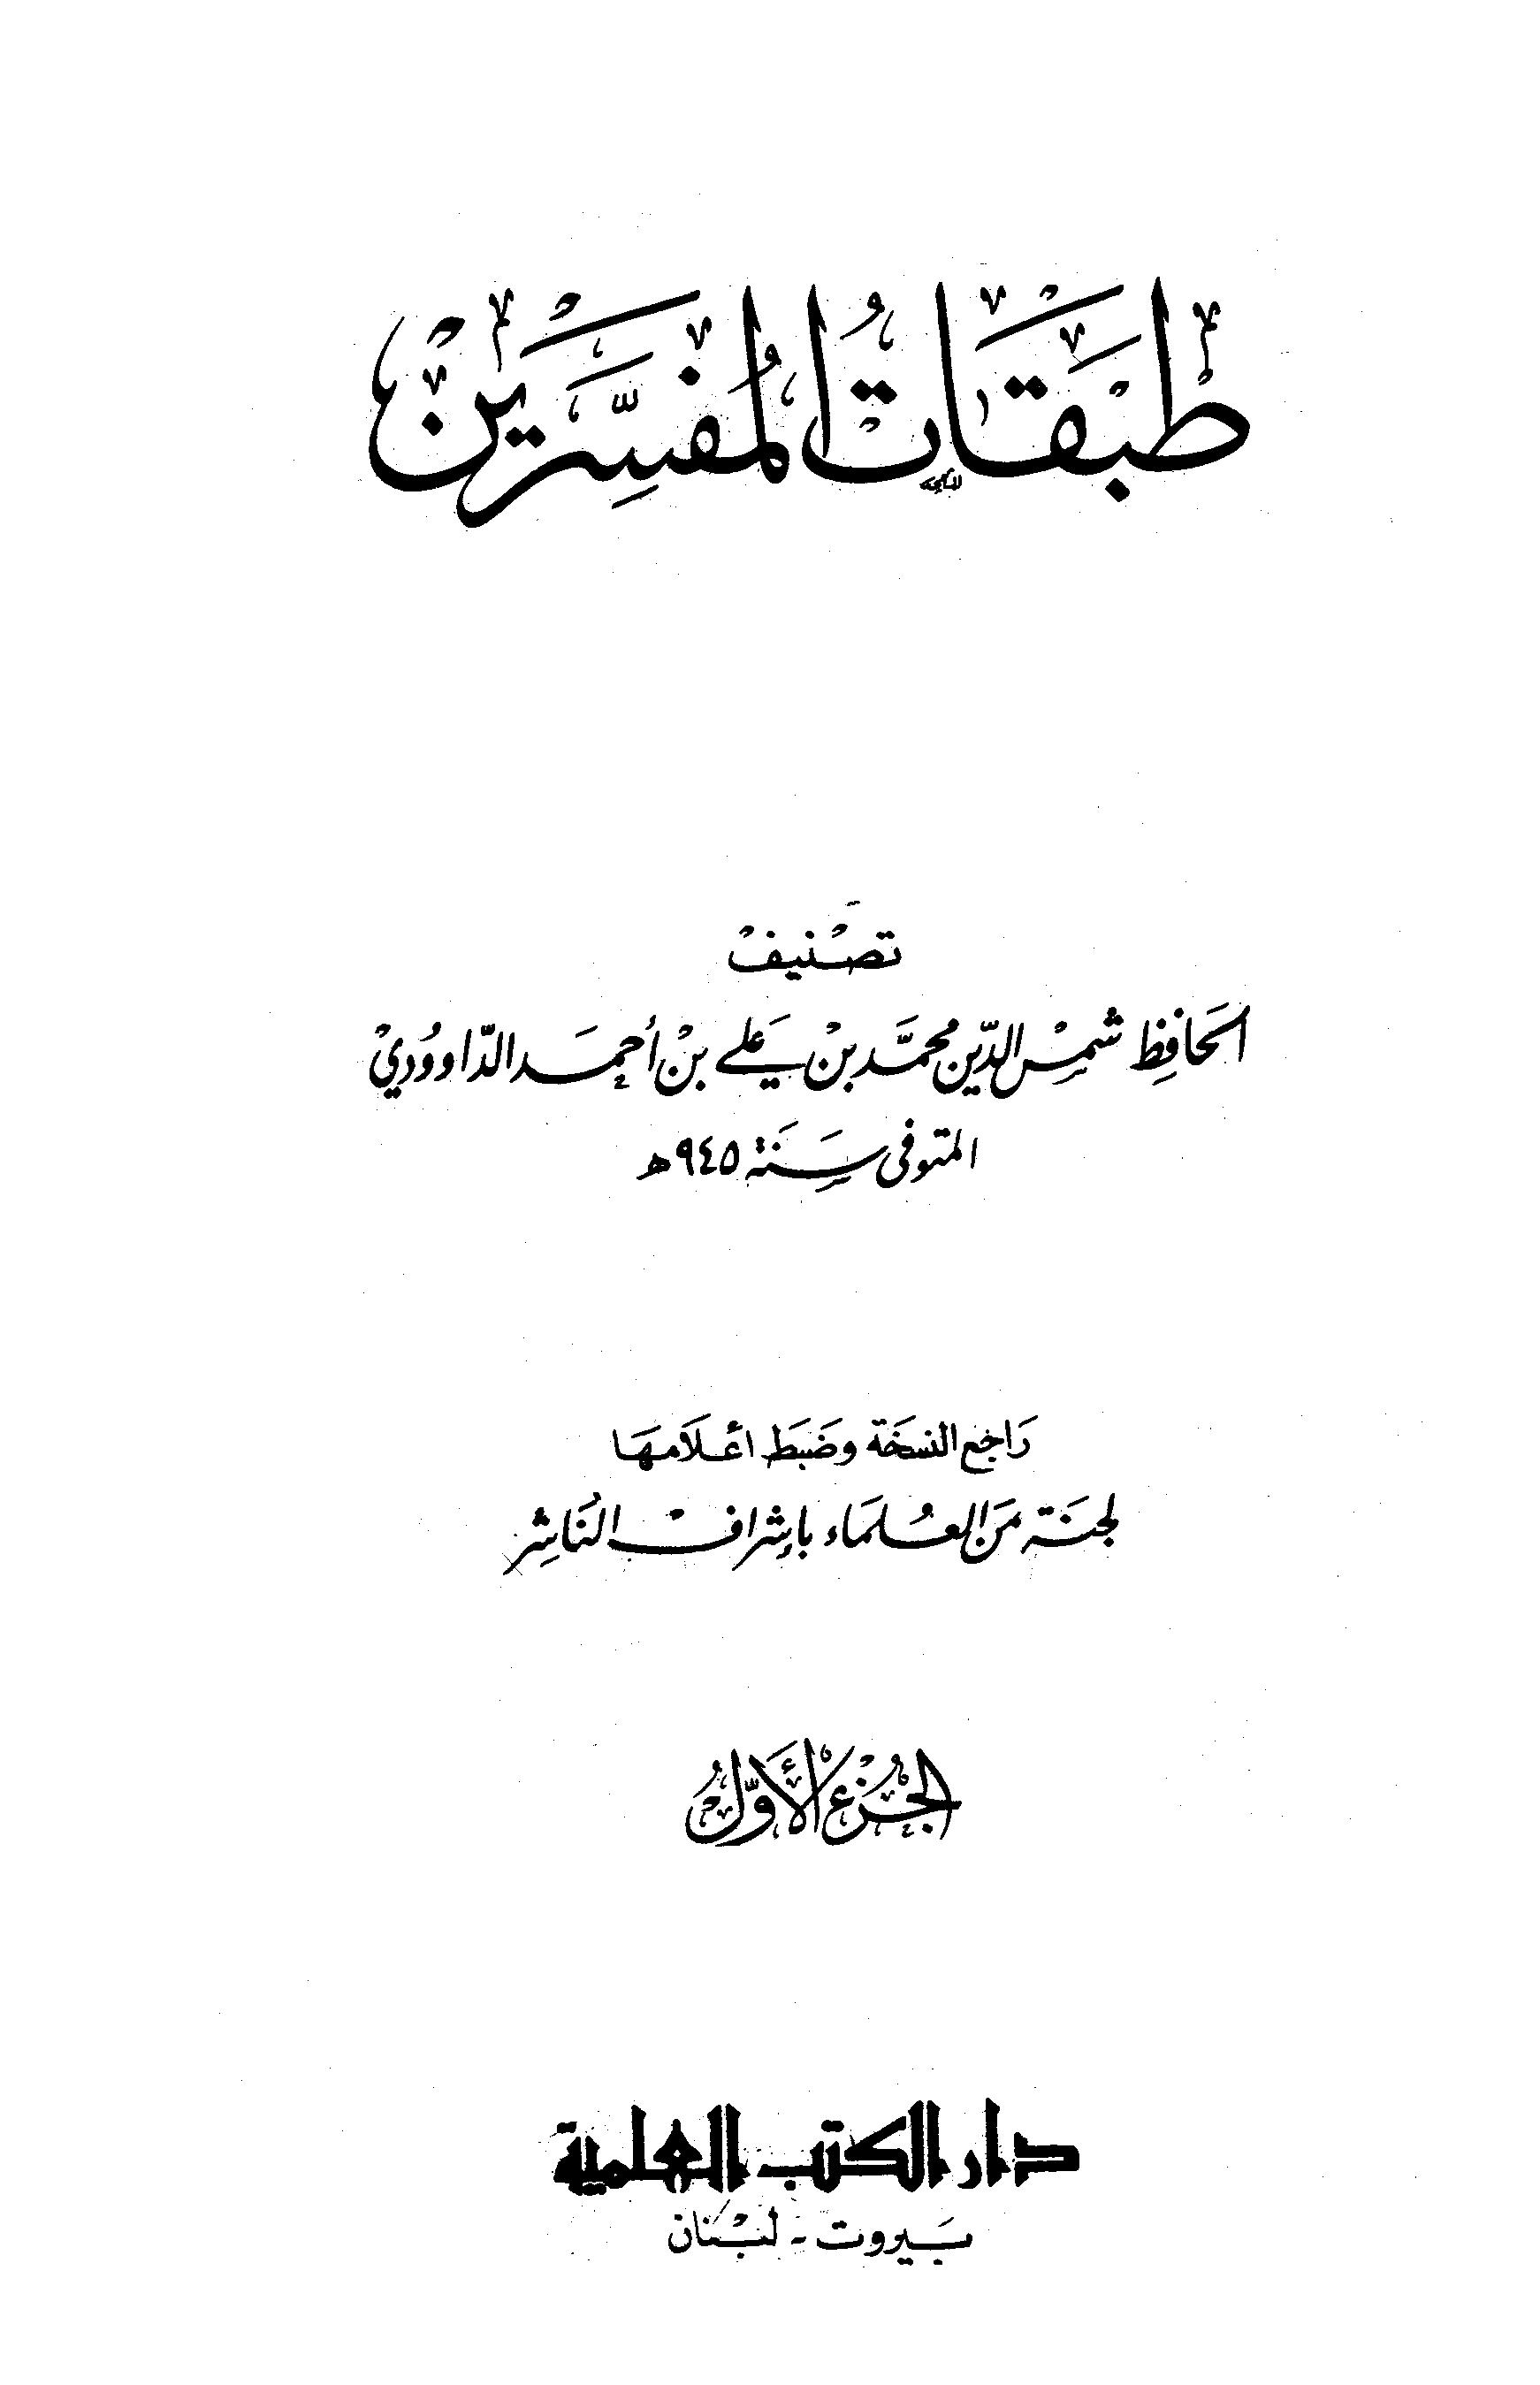 تحميل كتاب طبقات المفسرين (الداوودي) لـِ: الإمام شمس الدين محمد بن علي بن أحمد الداوودي المالكي (ت 945)